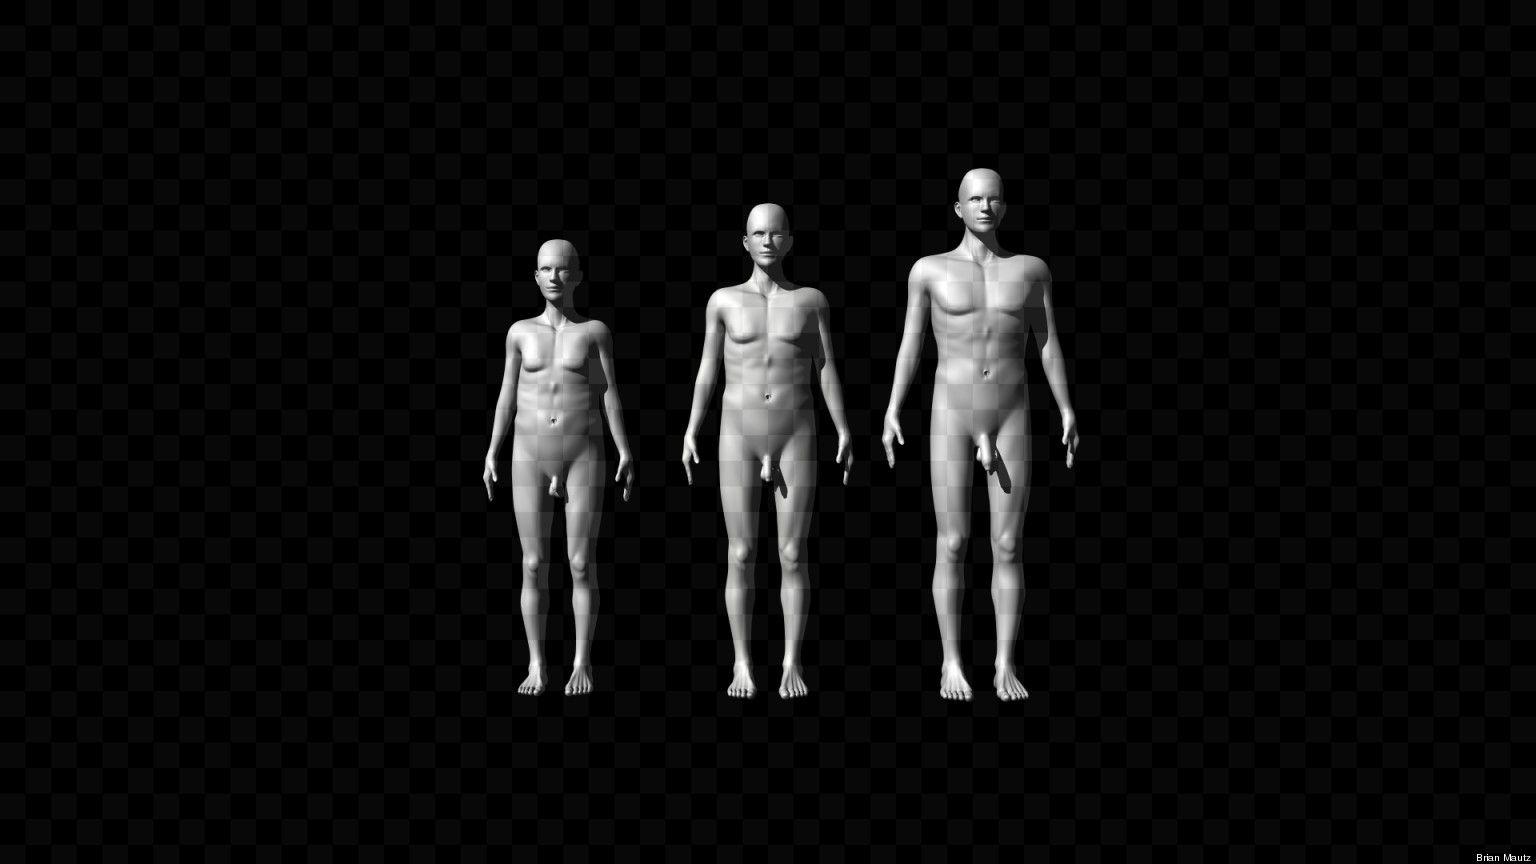 Light skin naked guy body